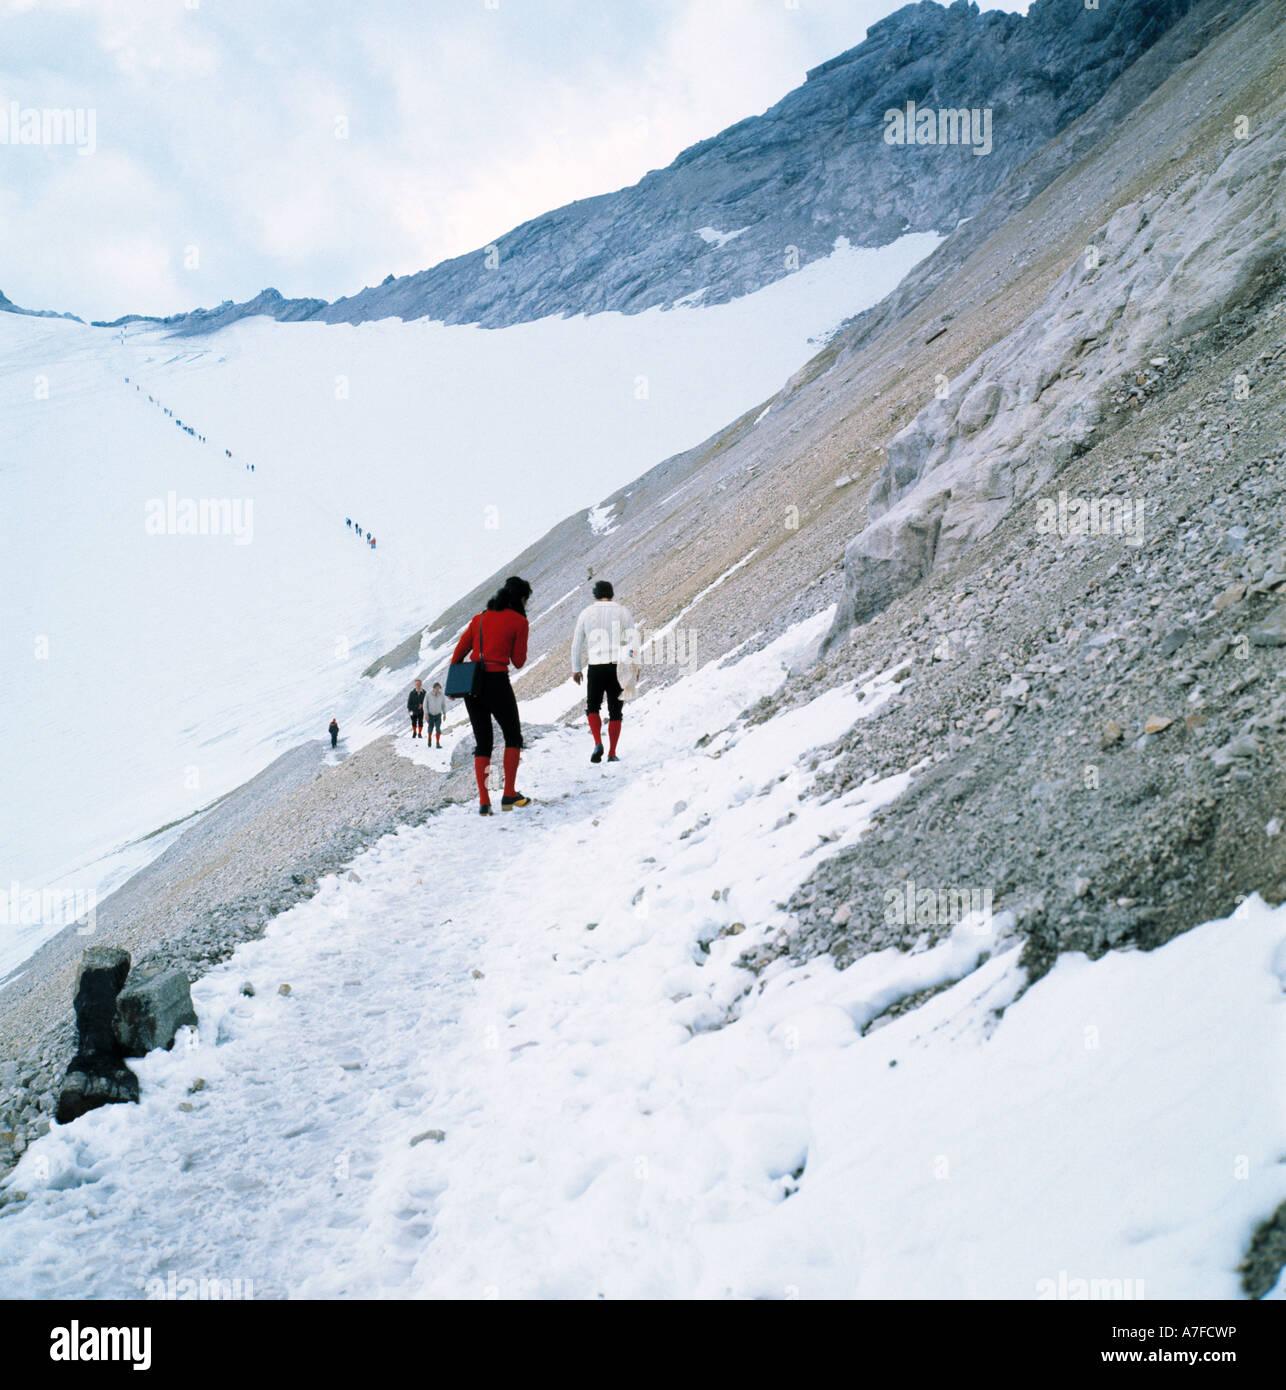 D-Garmisch-Partenkirchen, Zugspitze, Wetterstein mountains, Werdenfels Country, Alps, Upper Bavaria, Bavaria, tourists - Stock Image